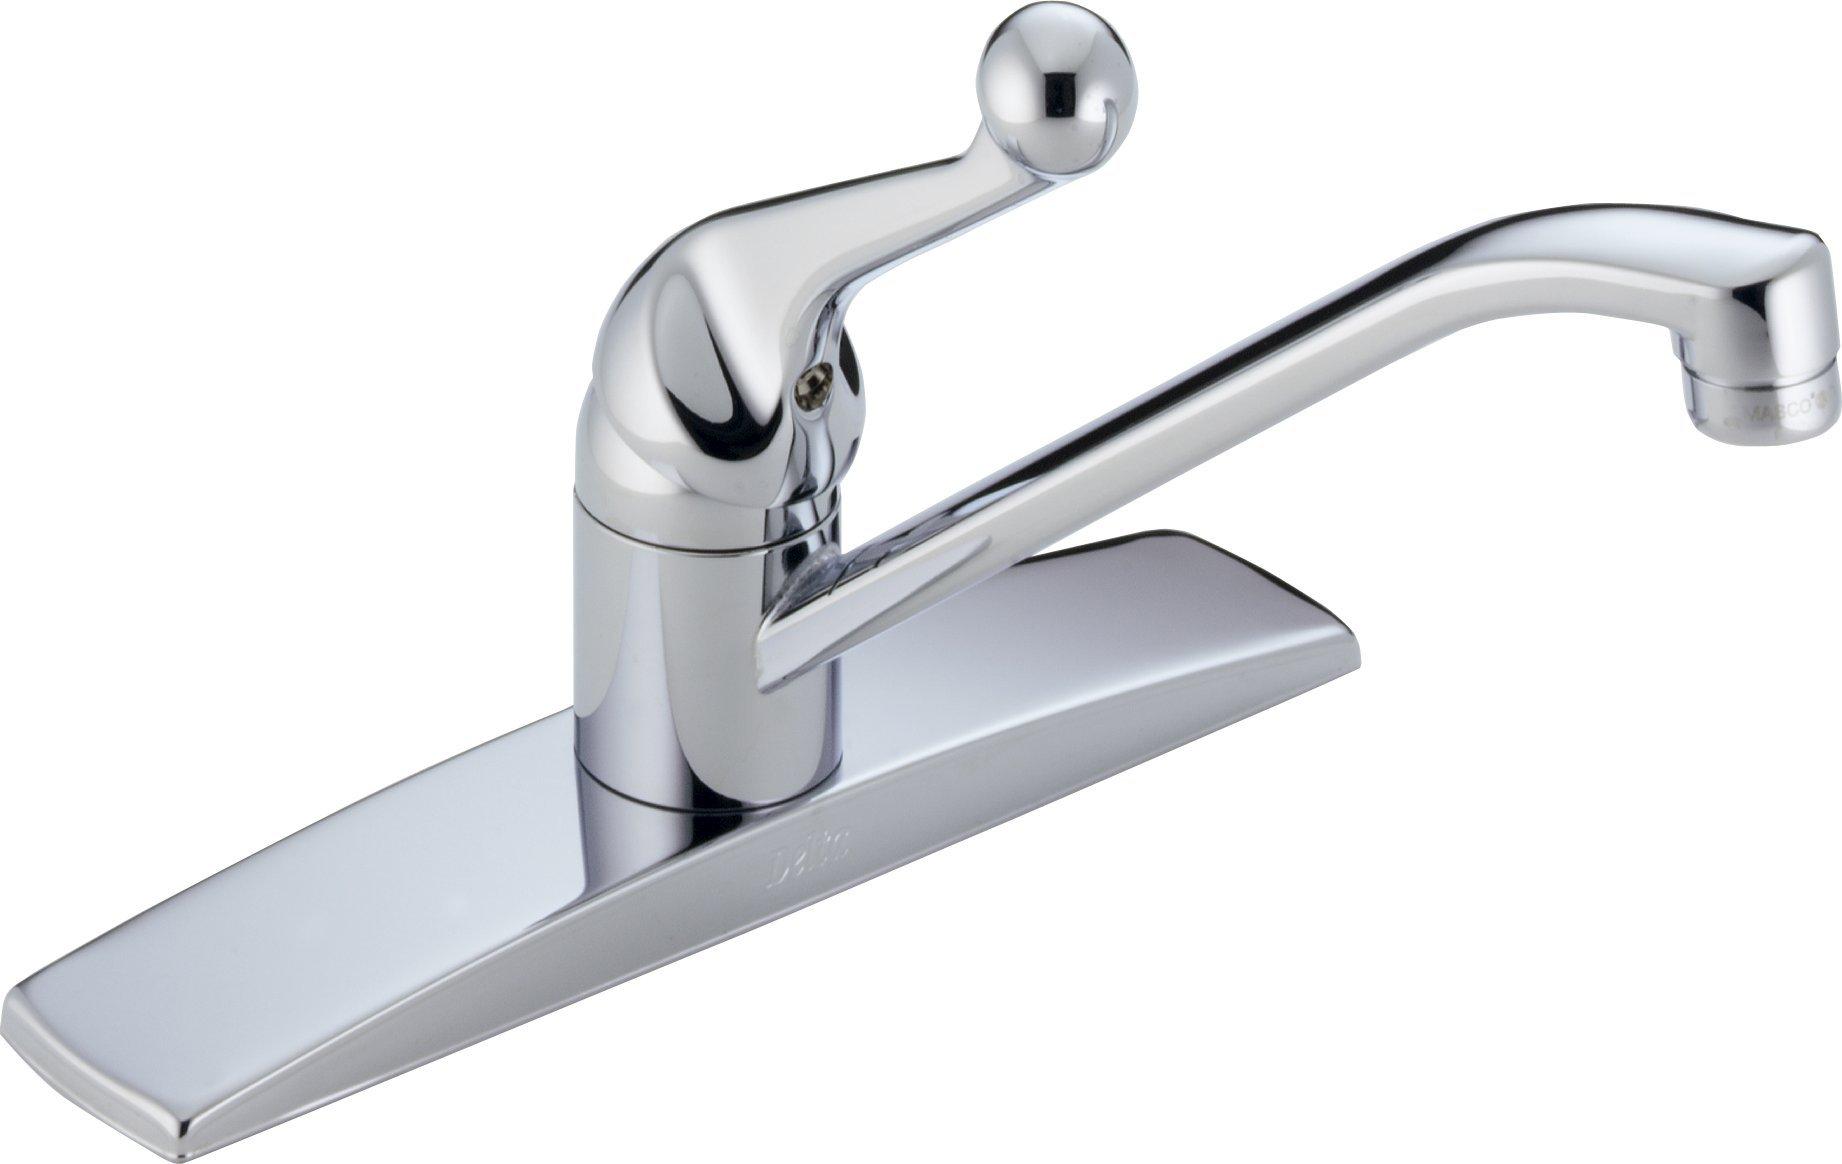 Delta Faucet 100LF-WF Classic, Single Handle Kitchen Faucet, Chrome